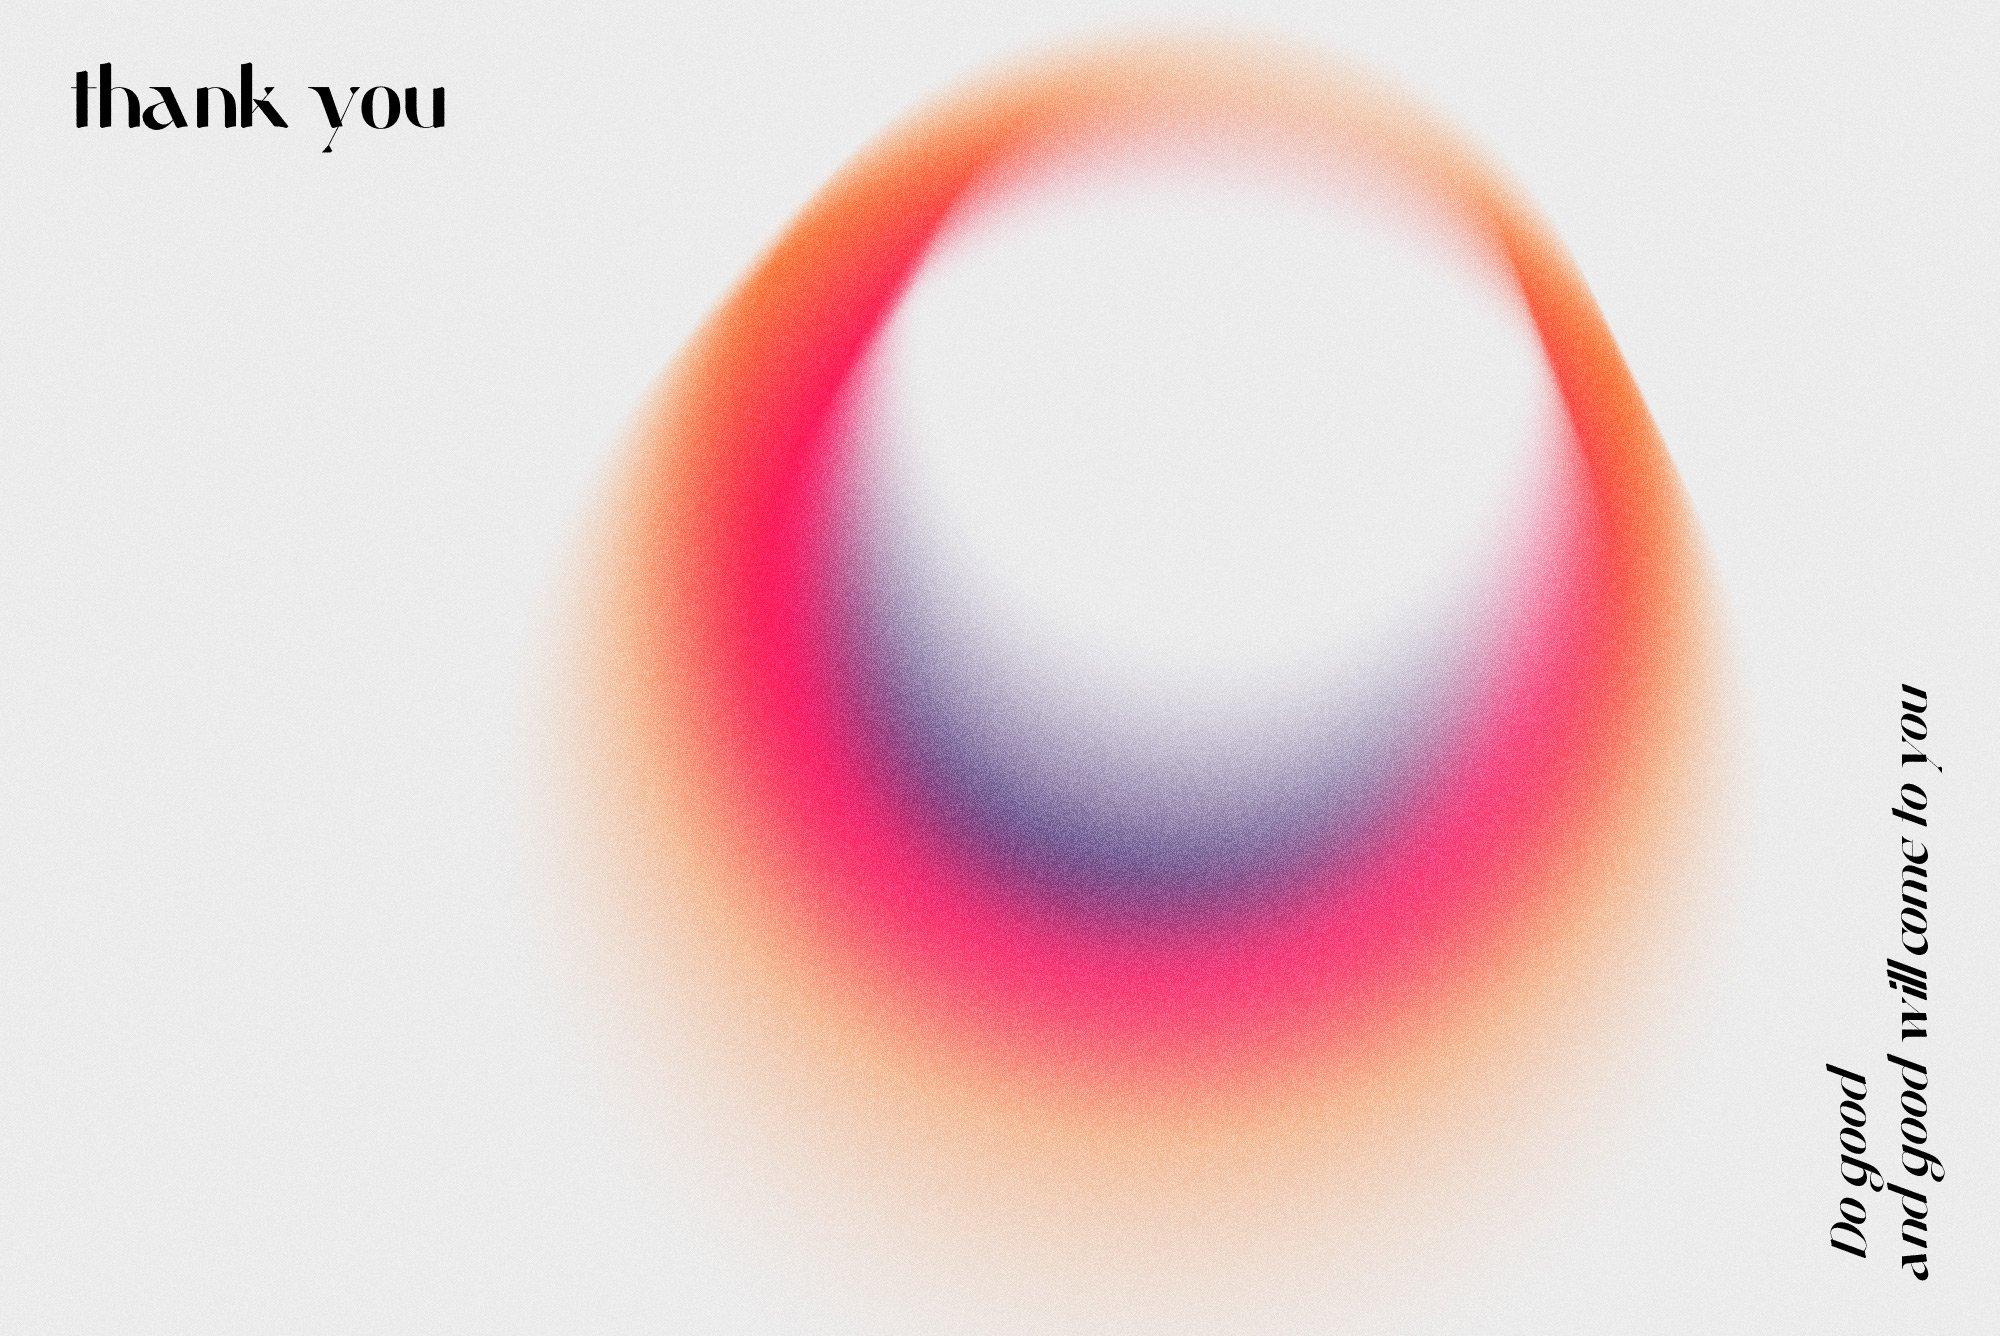 [单独购买] 潮流复古炫彩颗粒噪点模糊渐变背景纹理图形设计素材 Gradient Color Grainy Textures插图9